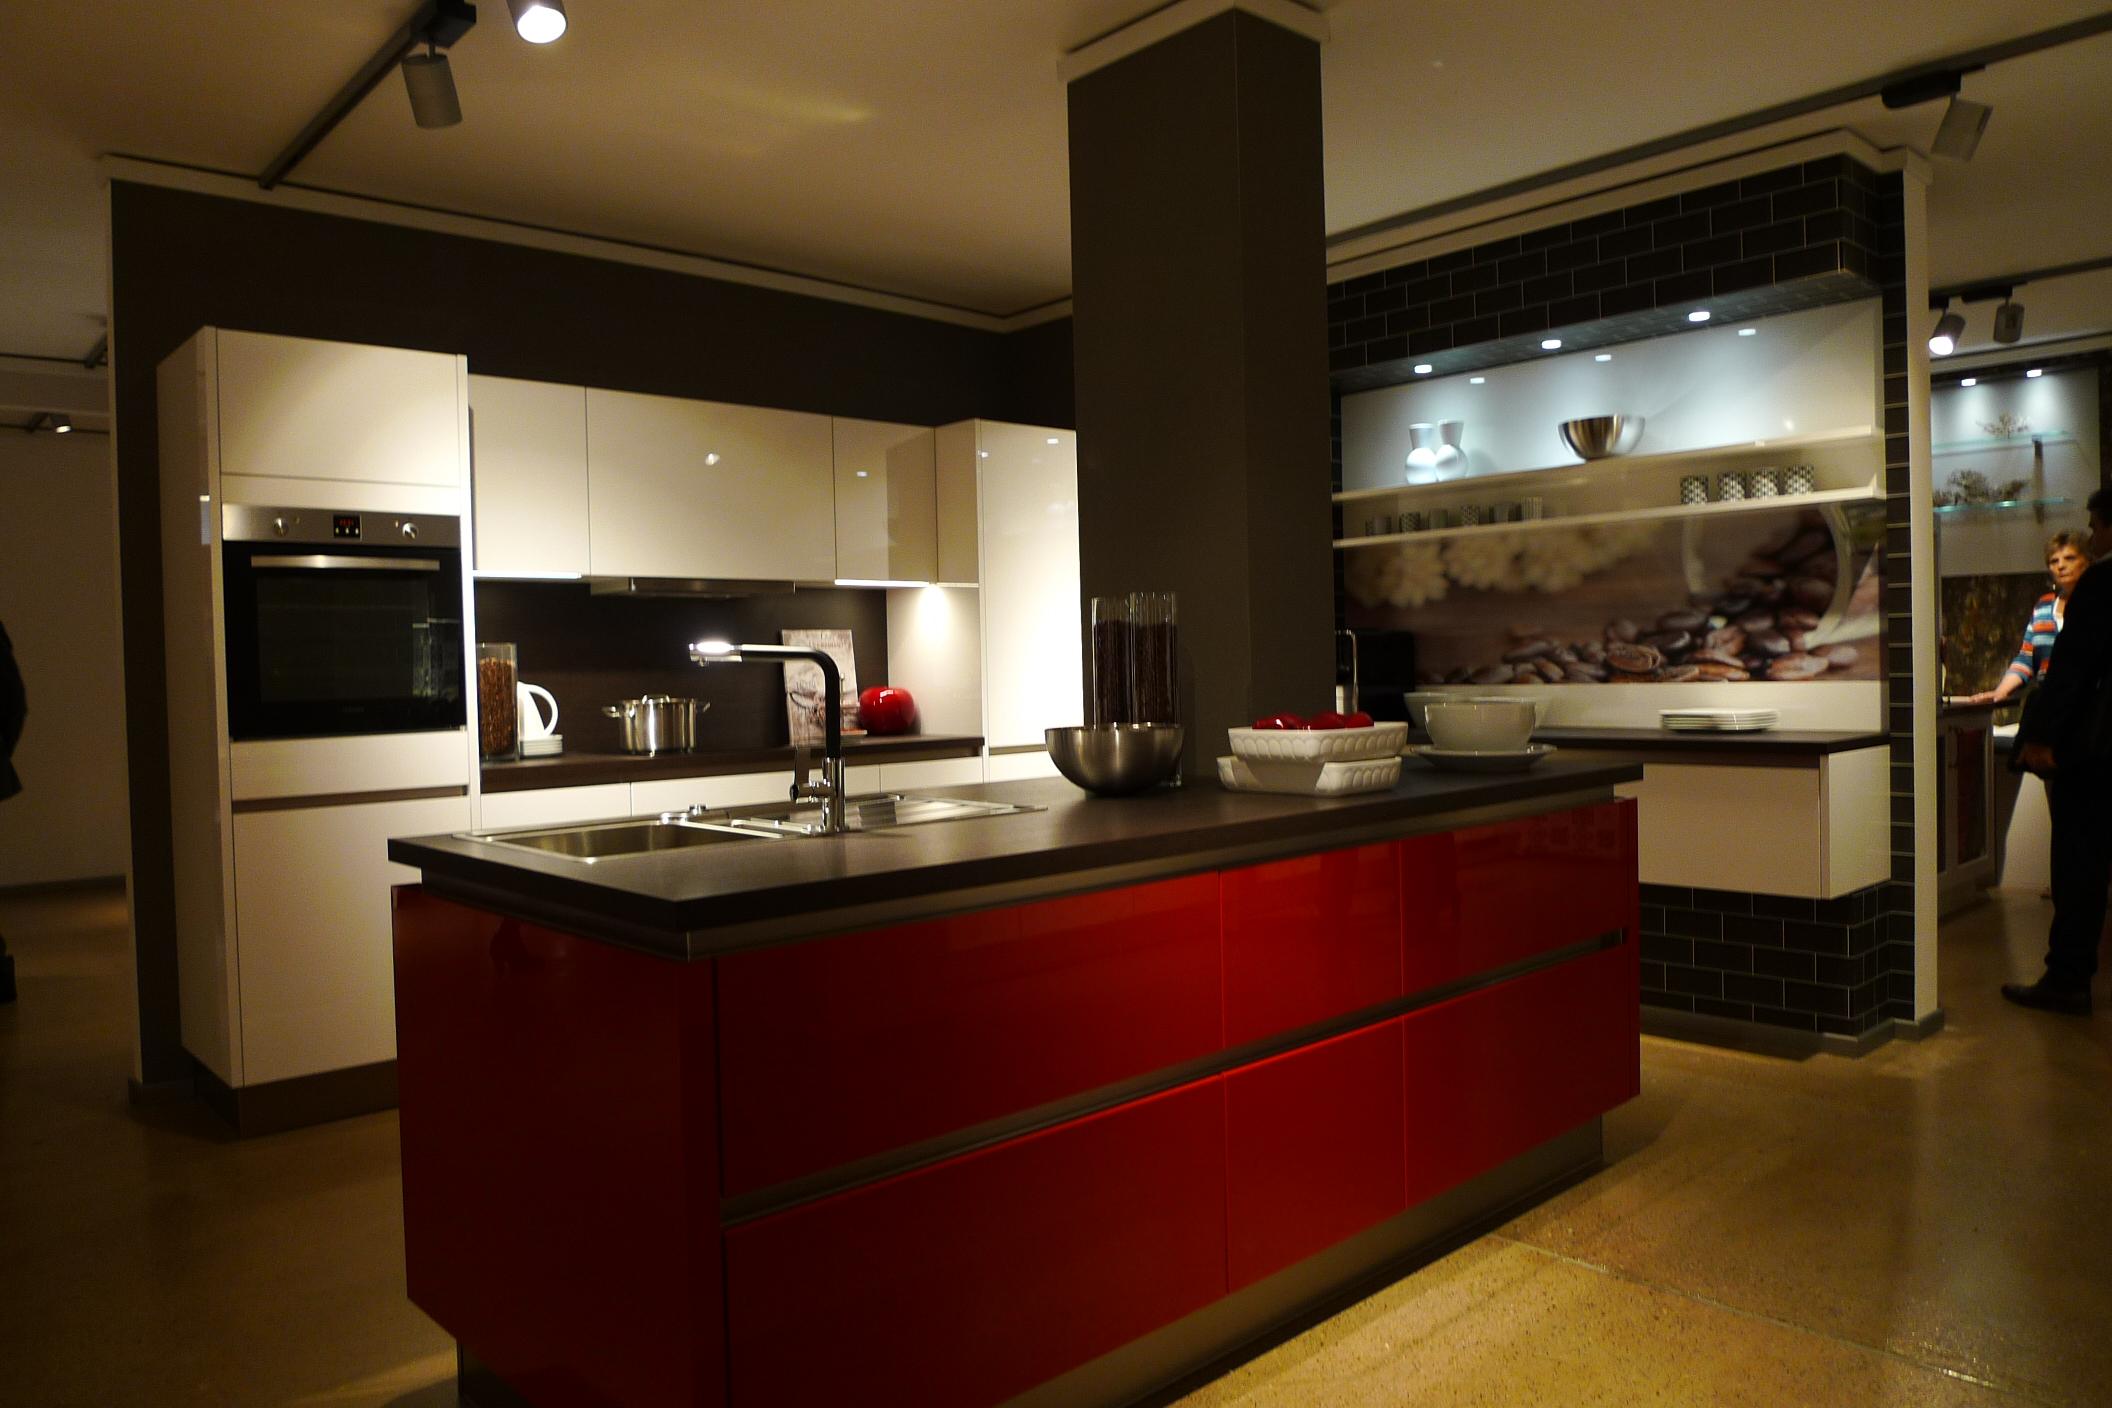 Design Keukens Antwerpen : Project studio italiaanse design keukens comprex antwerpen kaaien